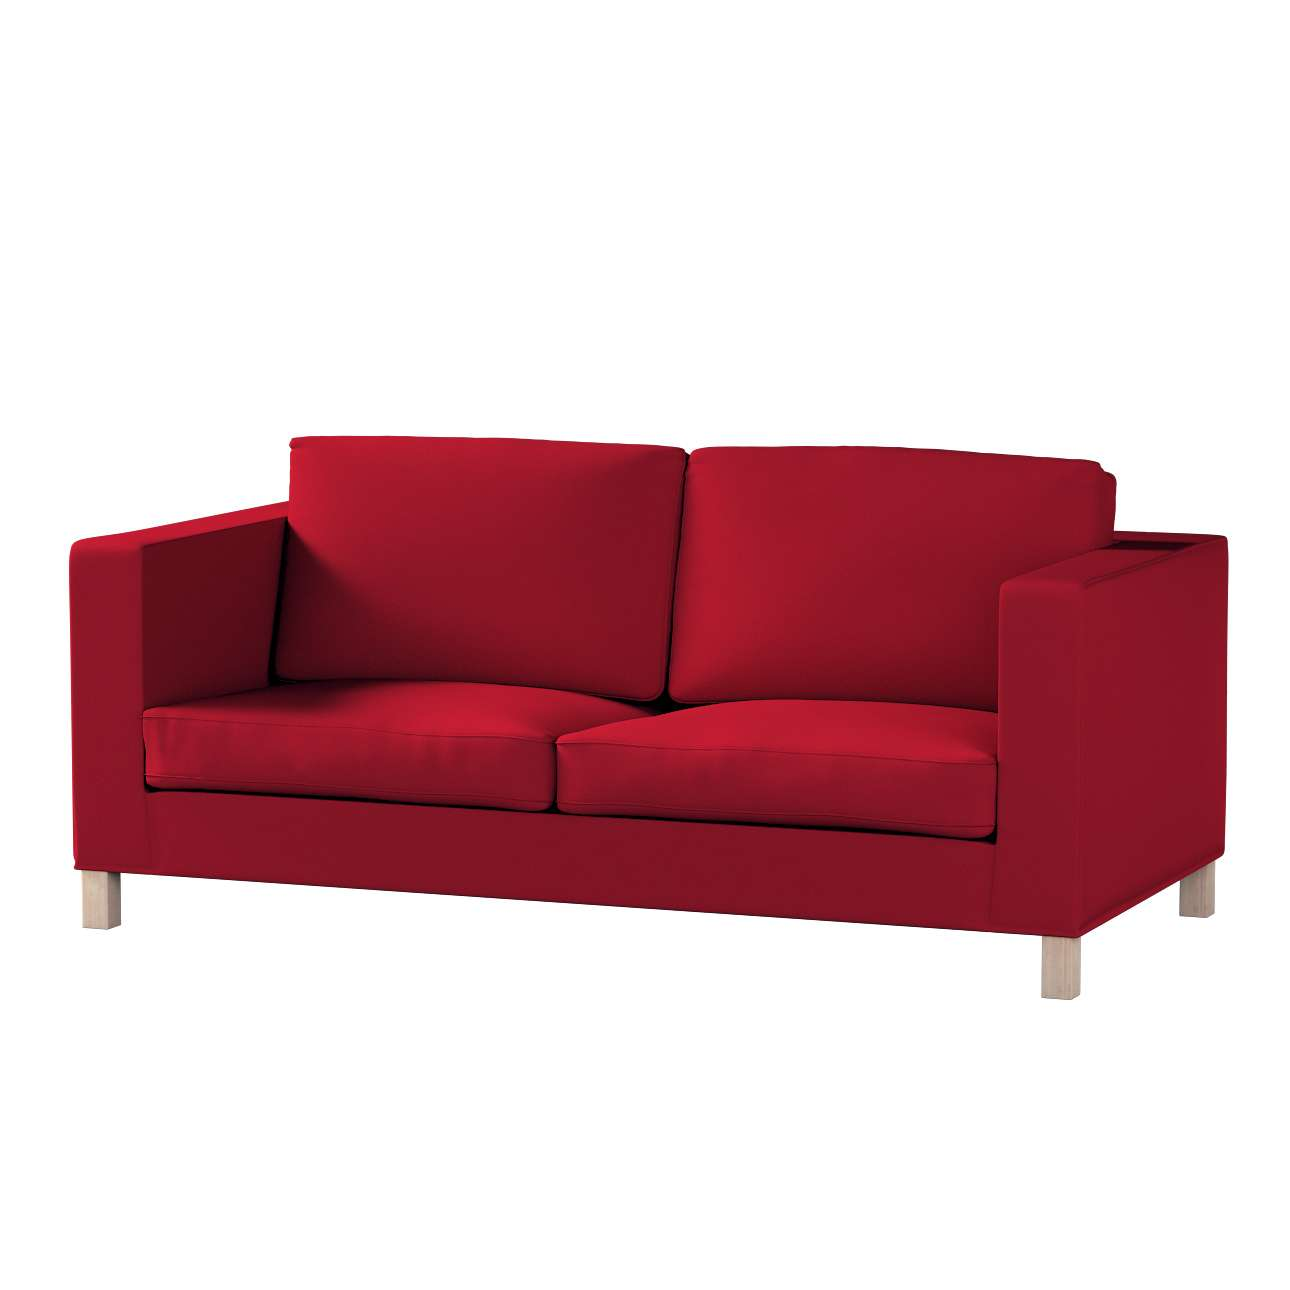 Pokrowiec na sofę Karlanda rozkładaną, krótki Sofa Karlanda rozkładana w kolekcji Etna , tkanina: 705-60